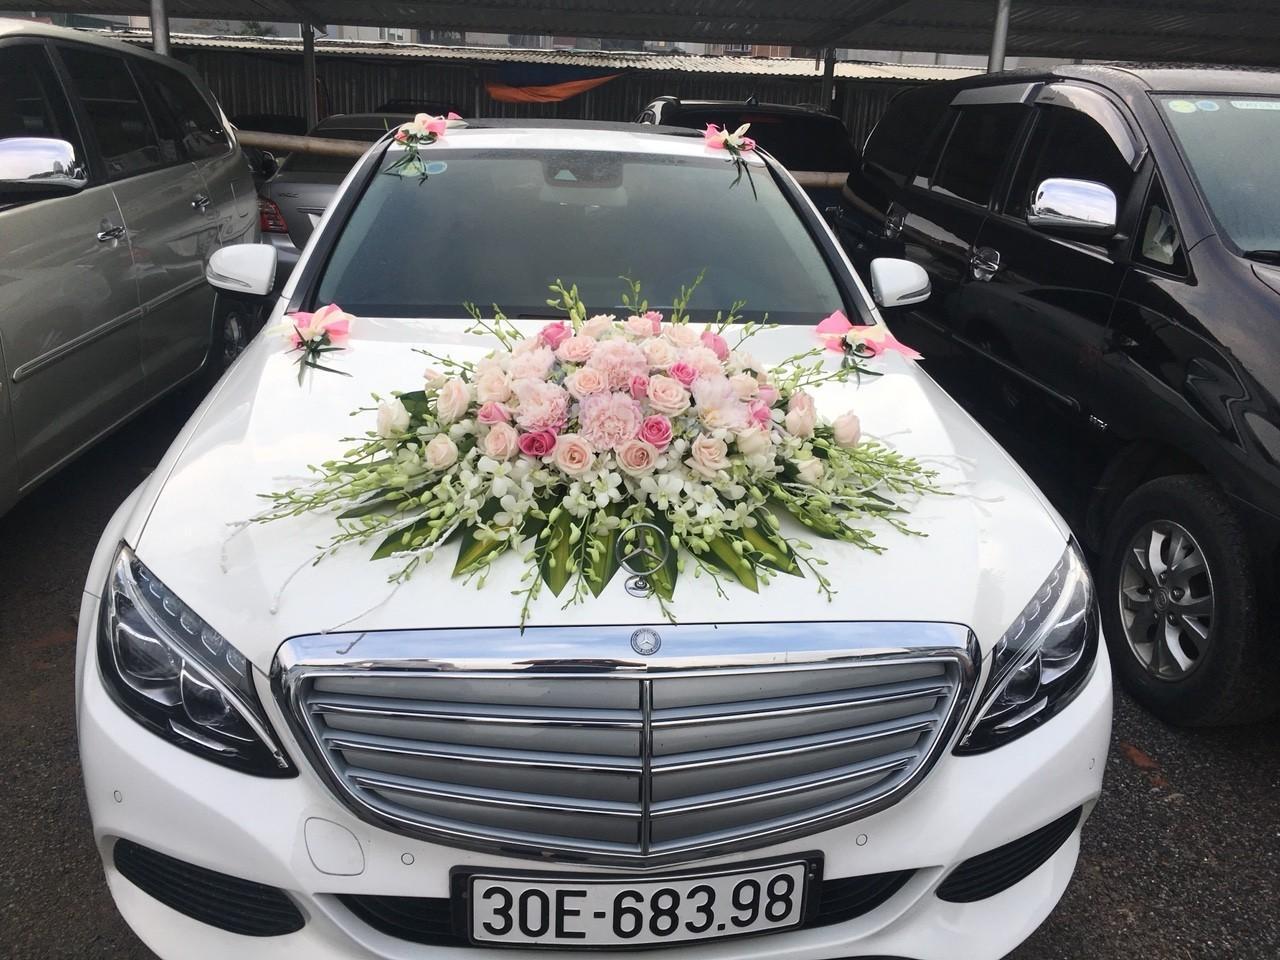 Dịch vụ thuê xe cưới tại Quy Nhơn có xứng đáng để thuê không?